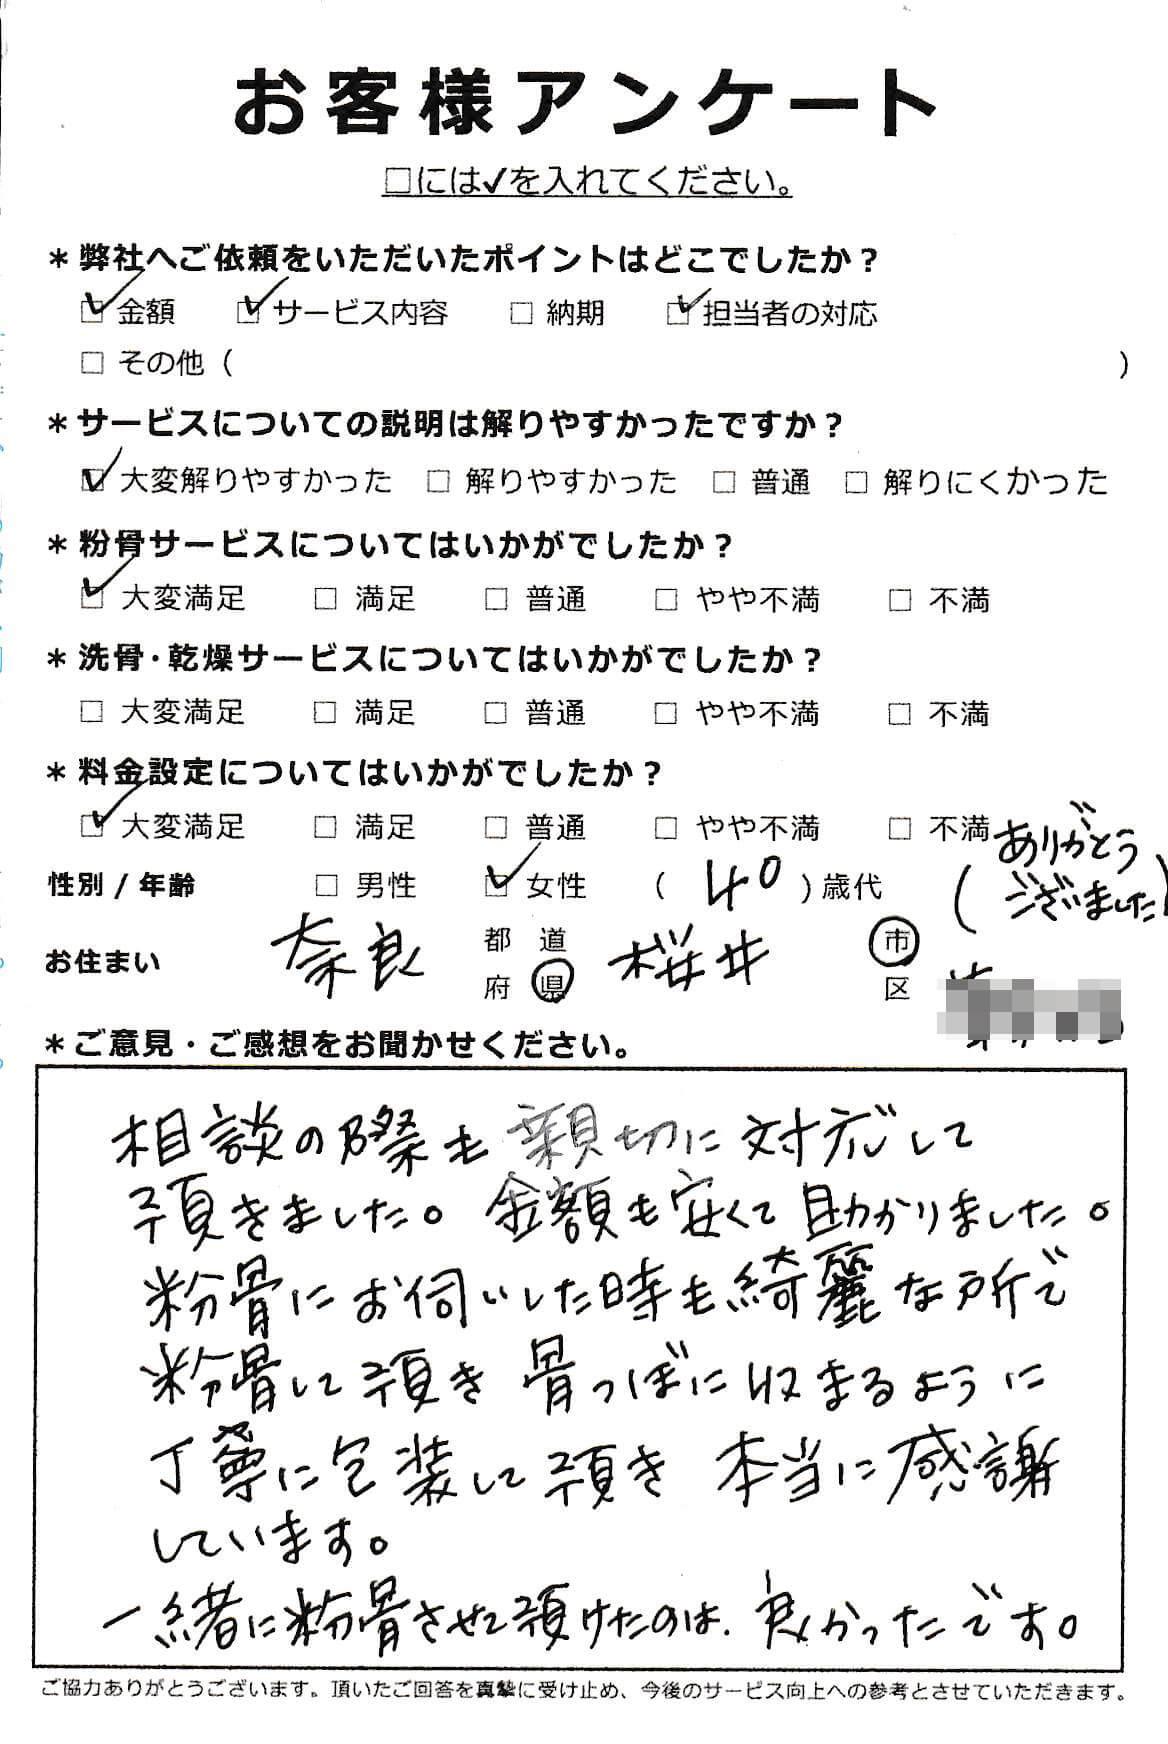 奈良県桜井市での粉骨サービス